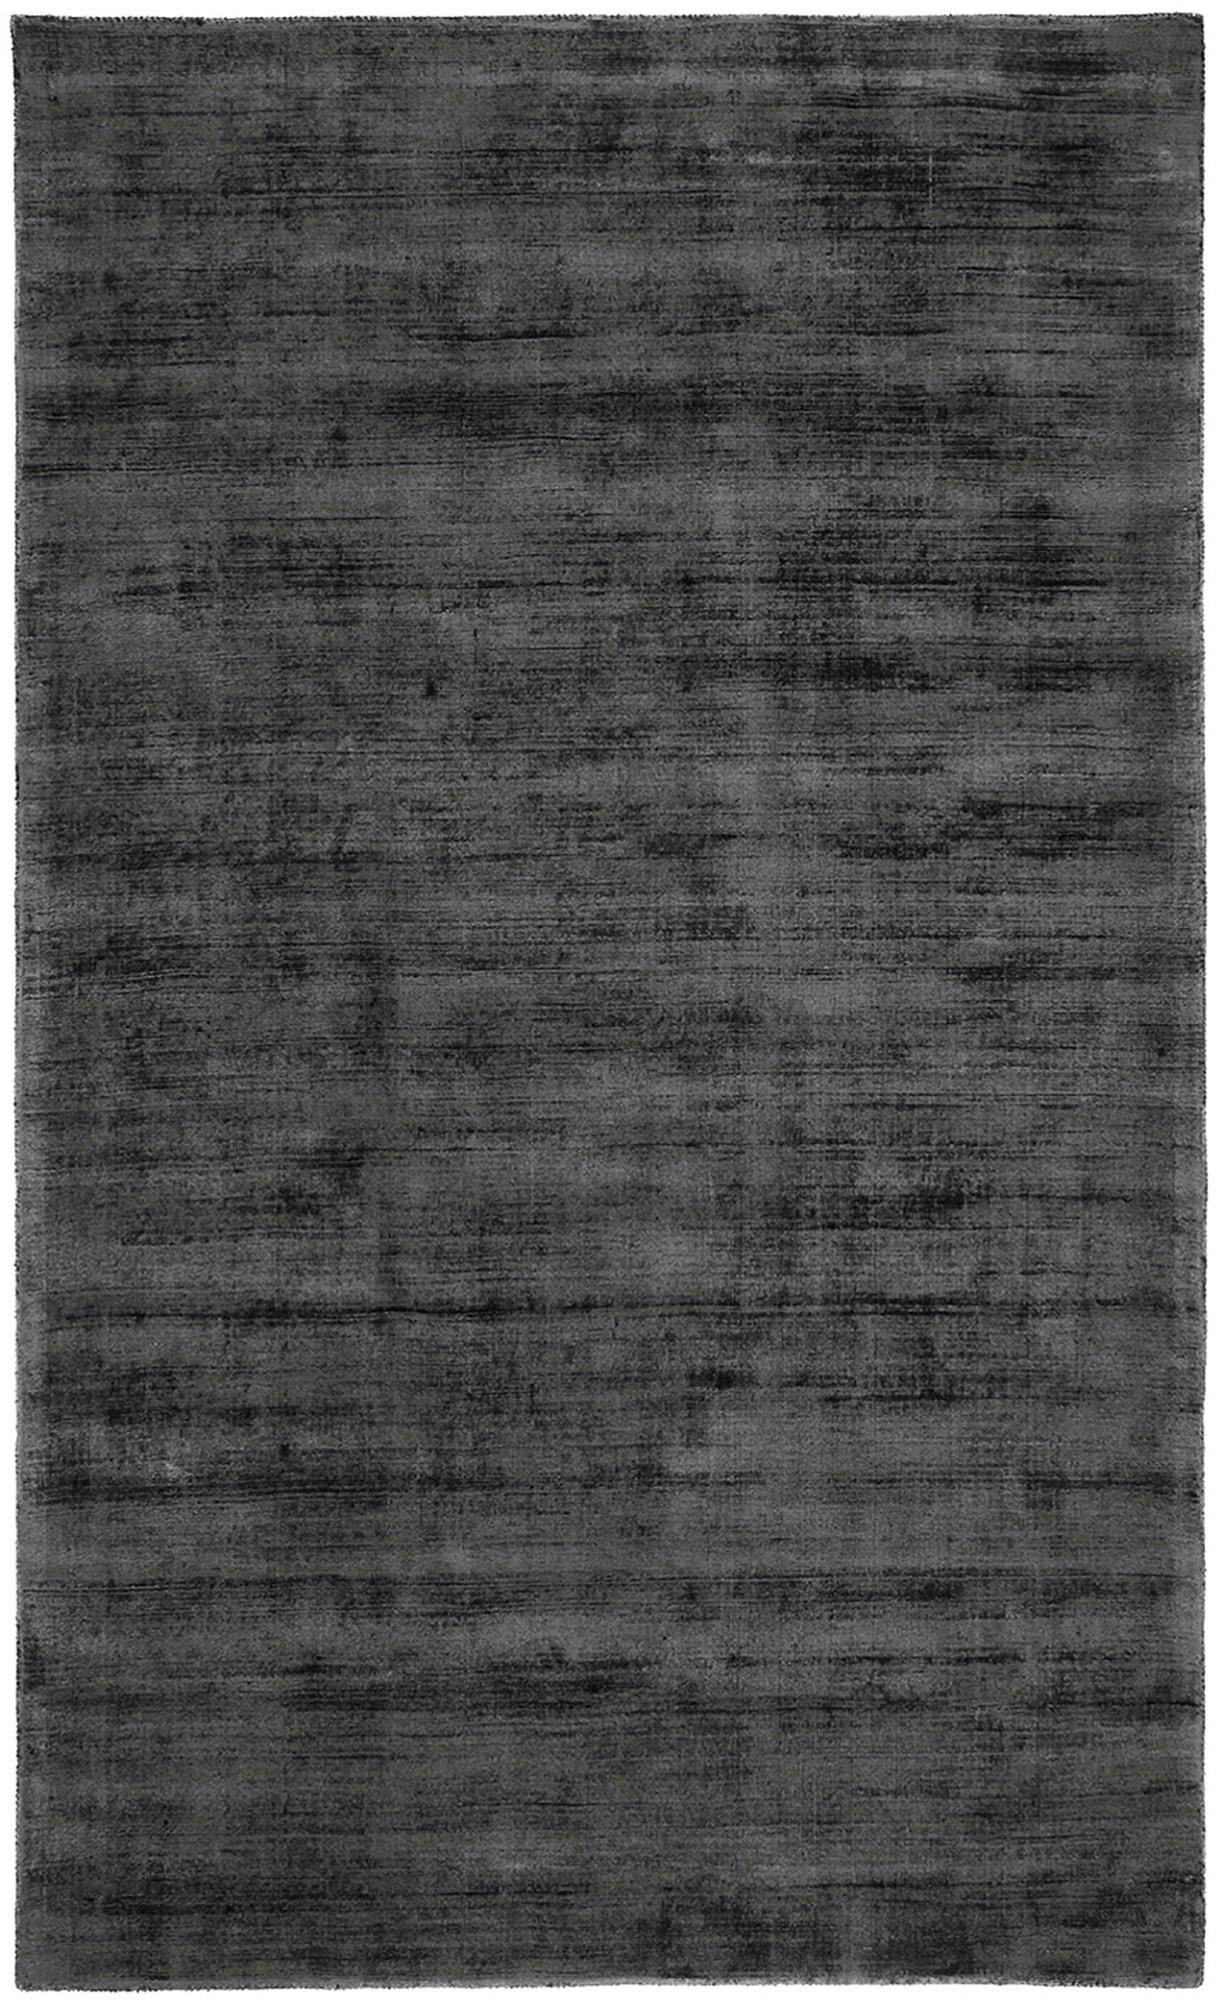 Handgewebter Viskoseteppich Jane in Anthrazit-Schwarz, Flor: 100% Viskose, Anthrazit-Schwarz, B 90 x L 150 cm (Größe XS)